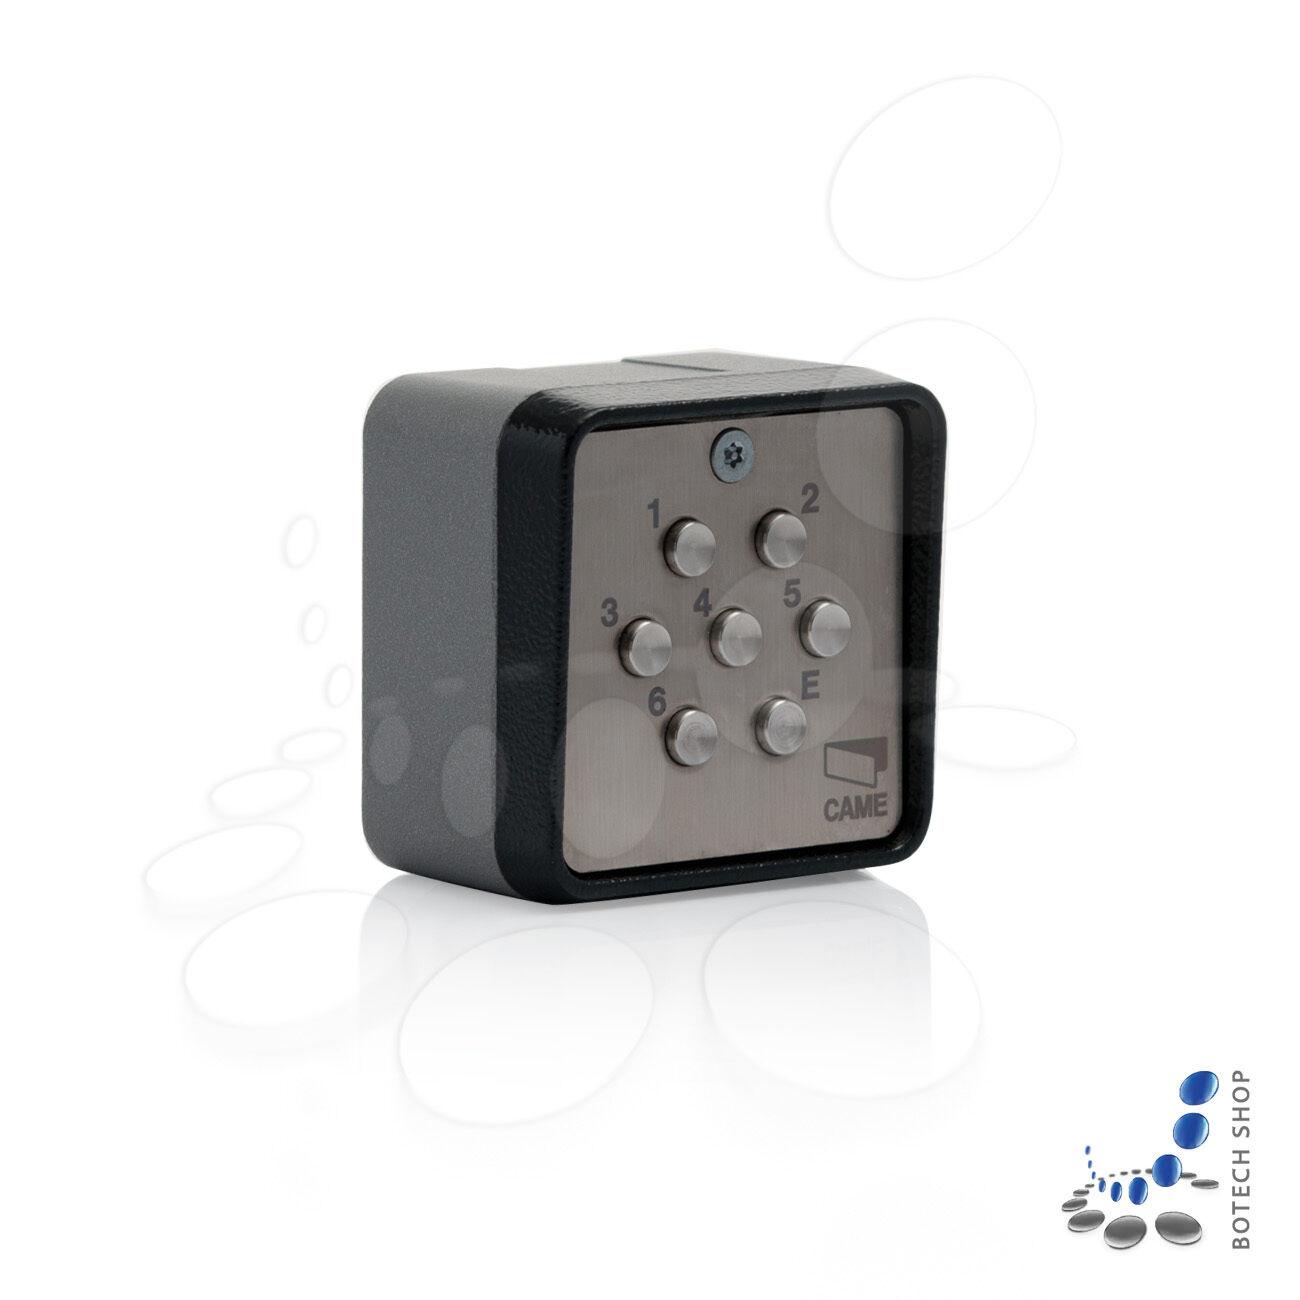 1-Kanal-Codetastatur CAME S7001 für Aufputz-Montage